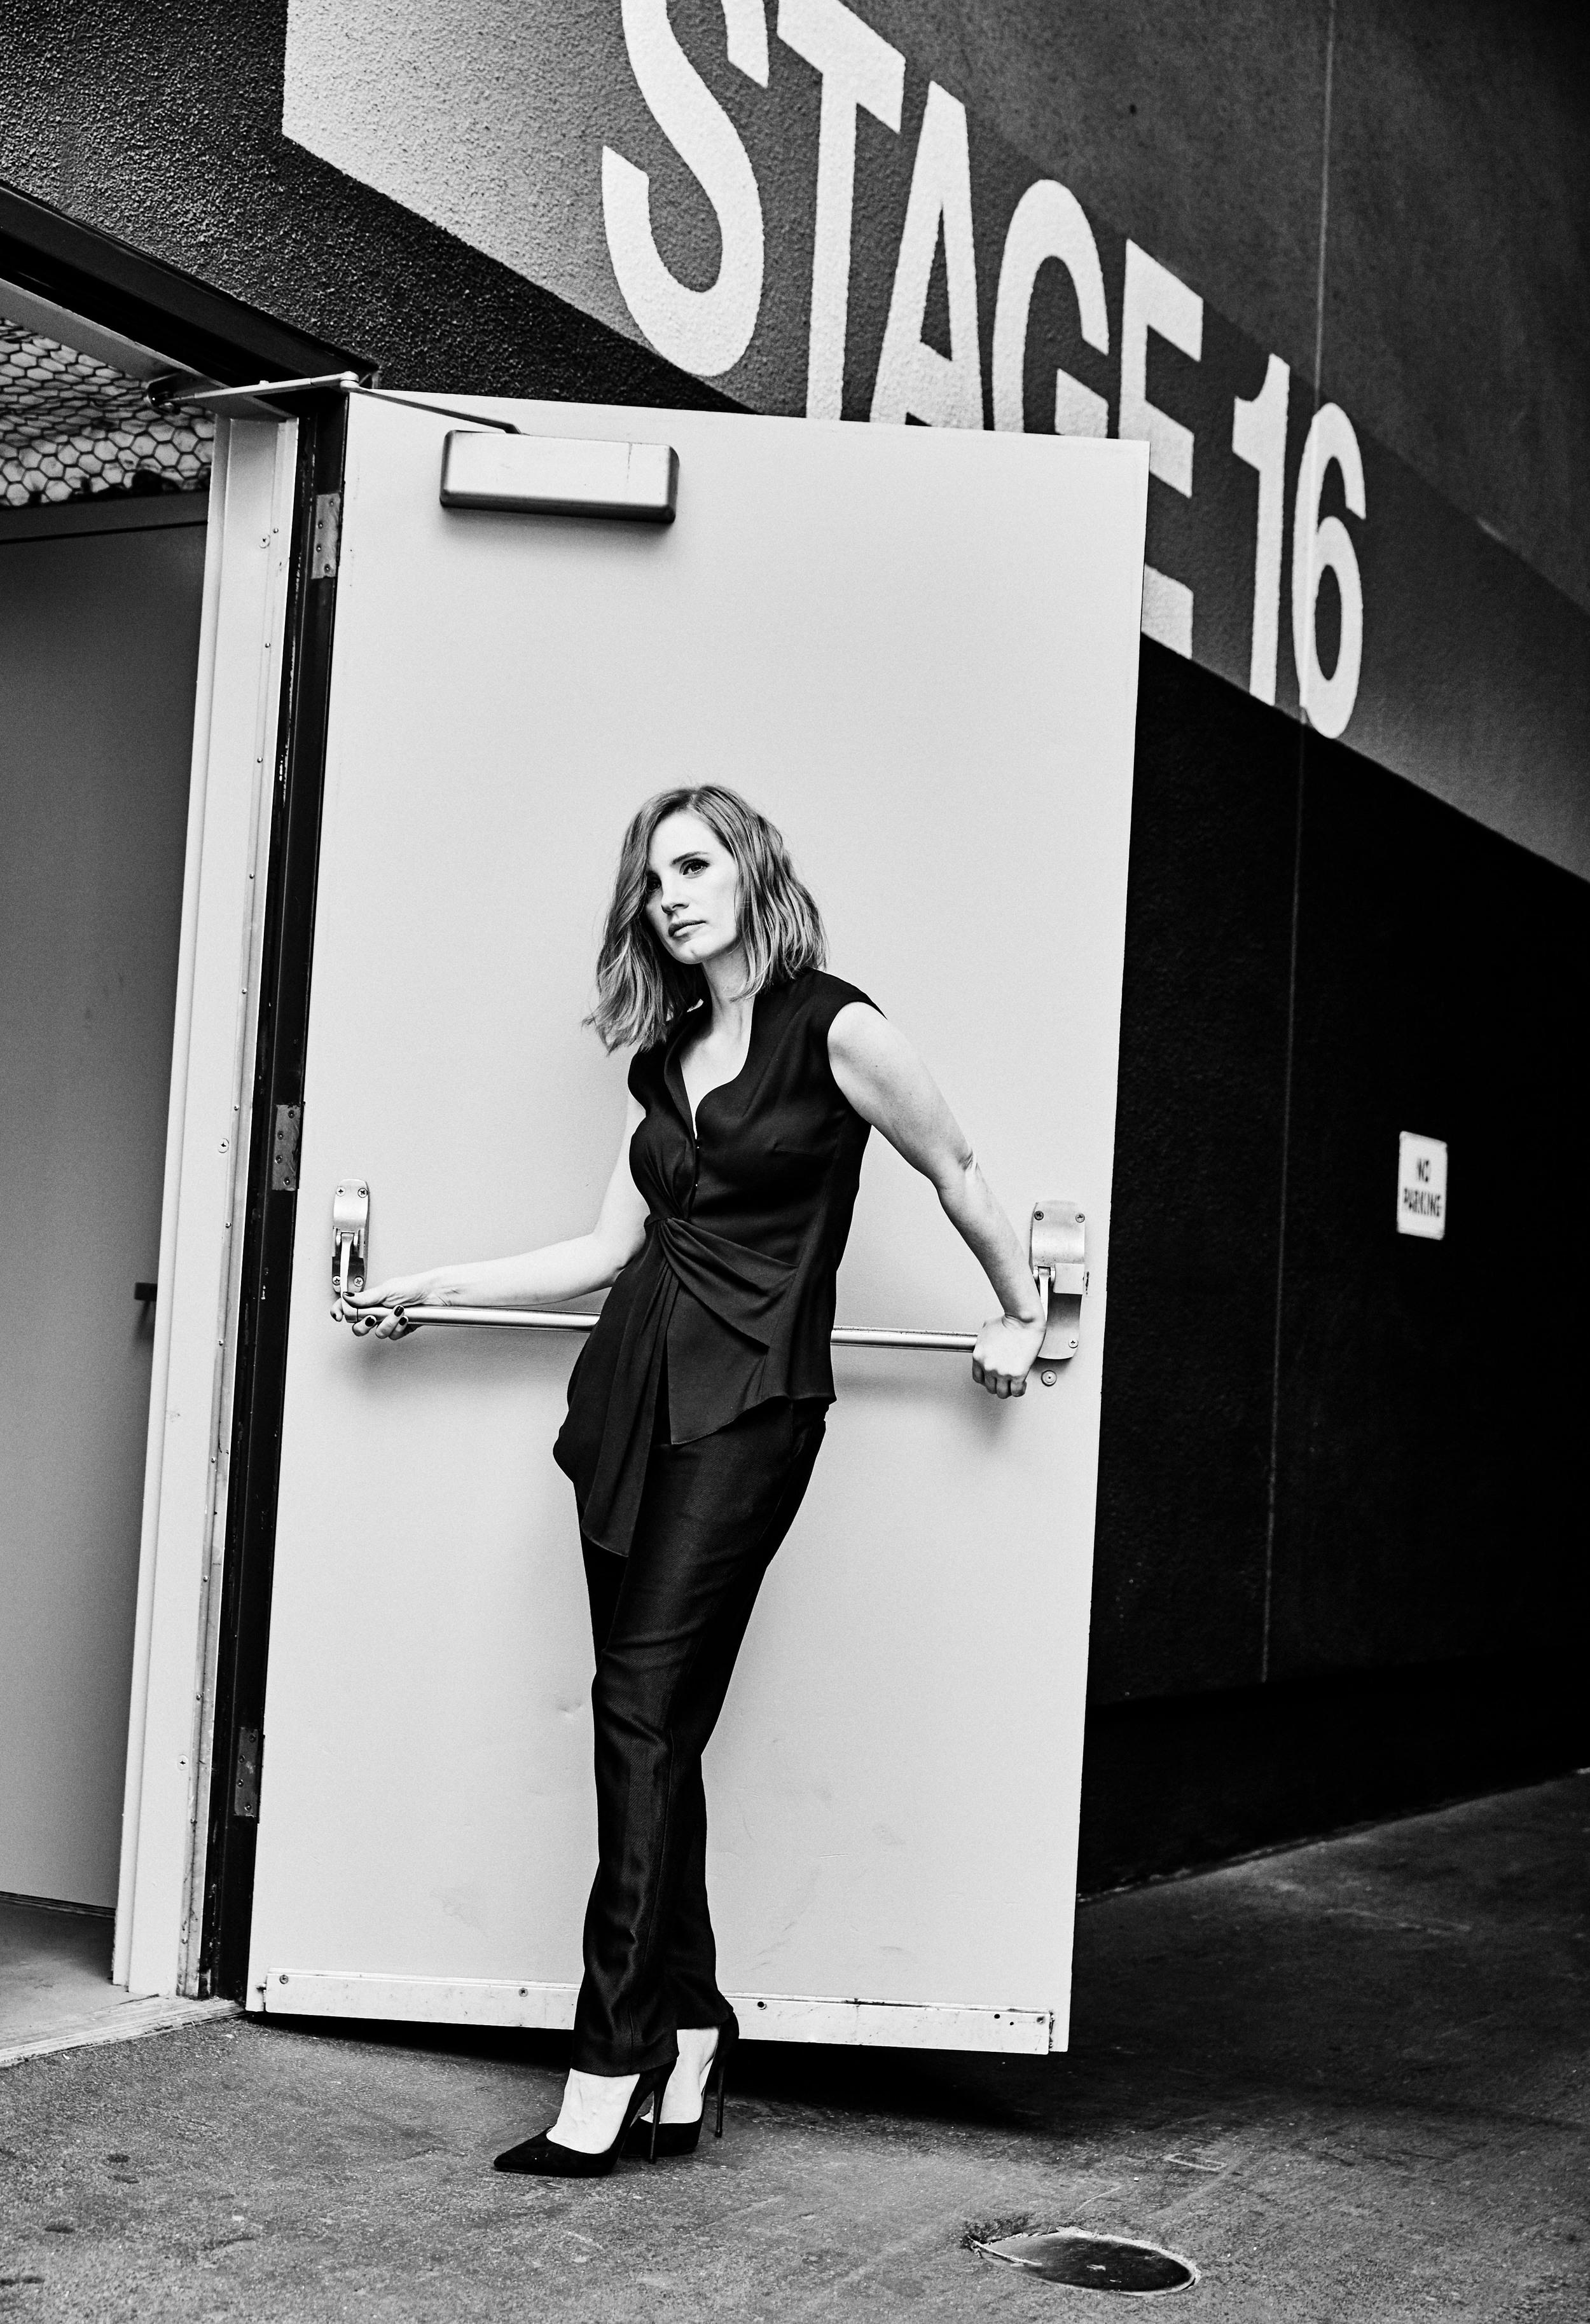 FOTO: Novo portrait da Jessica é divulgado